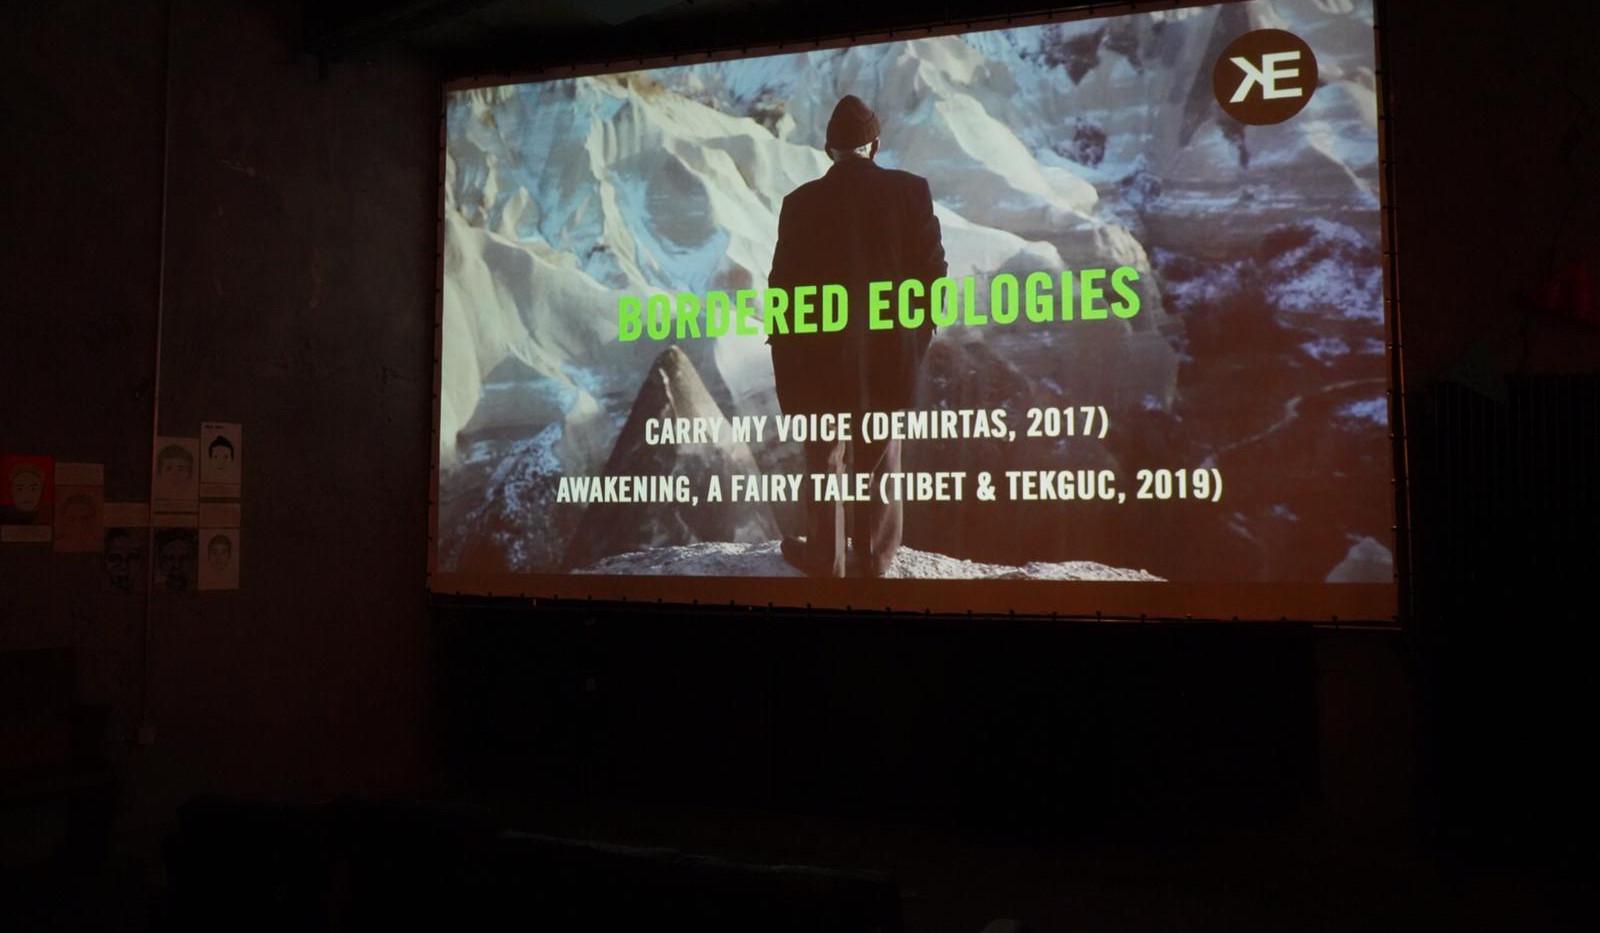 Bordered Ecologies